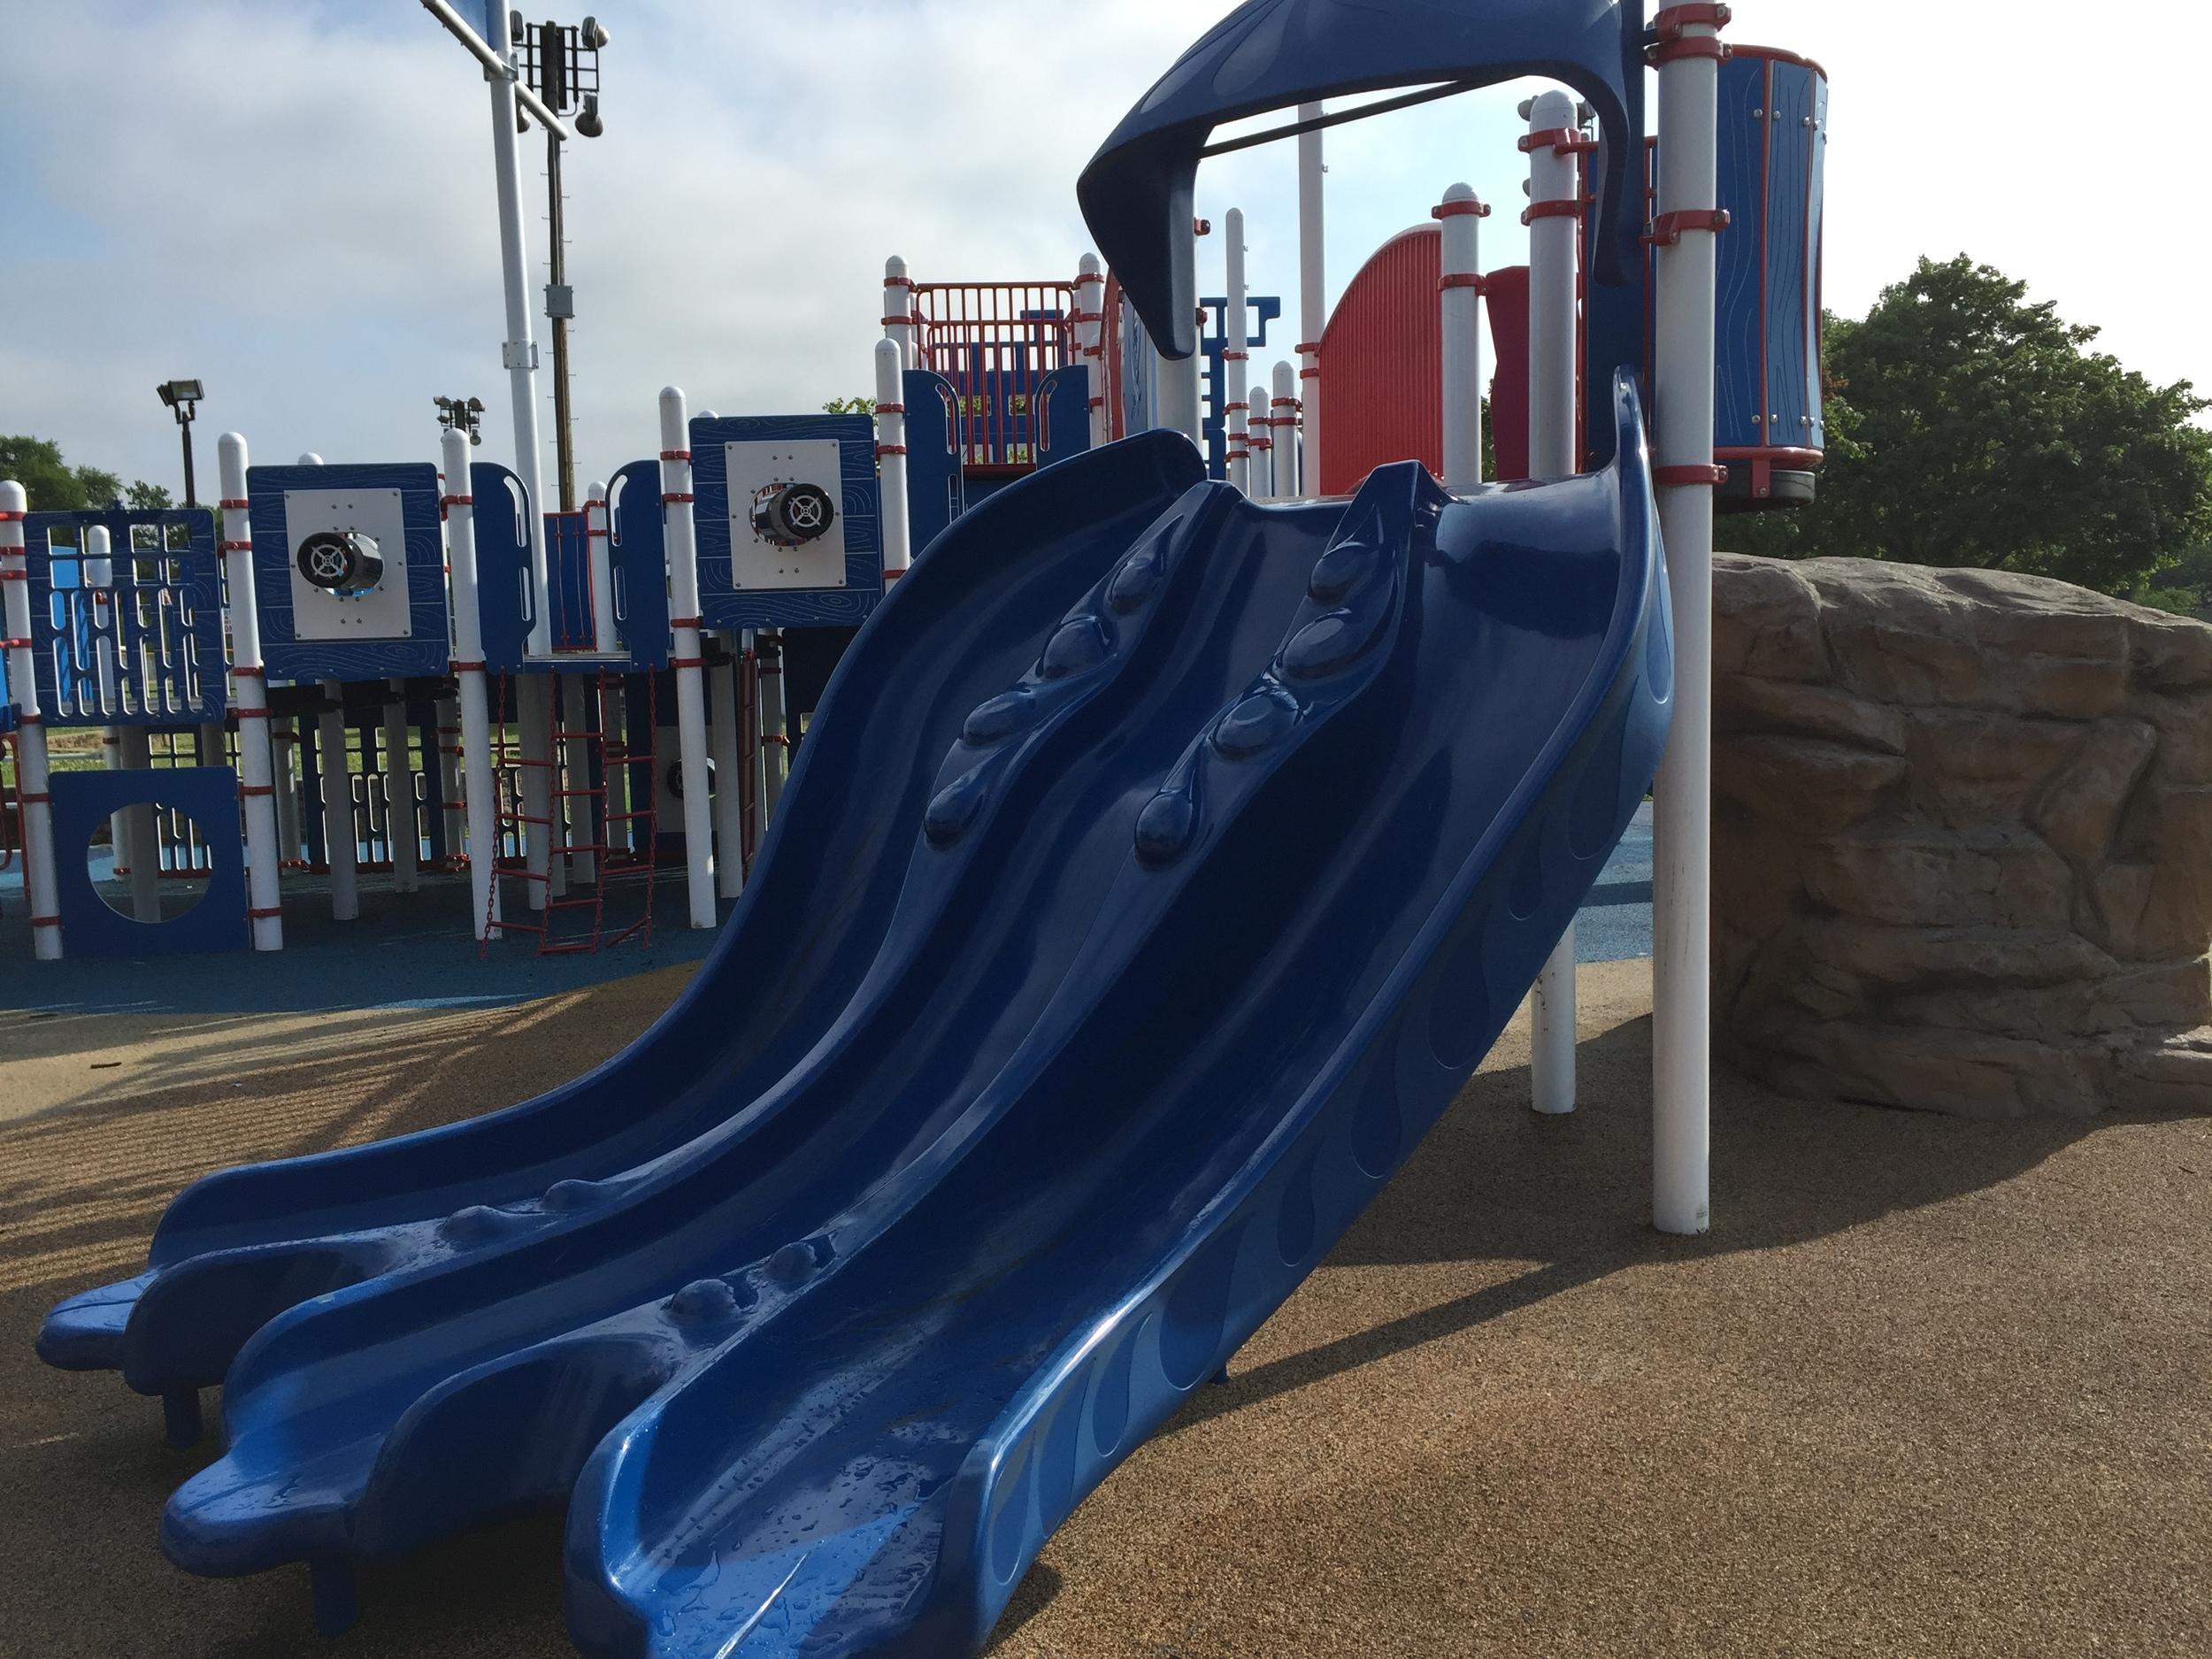 Slides at Phelps Lane Park